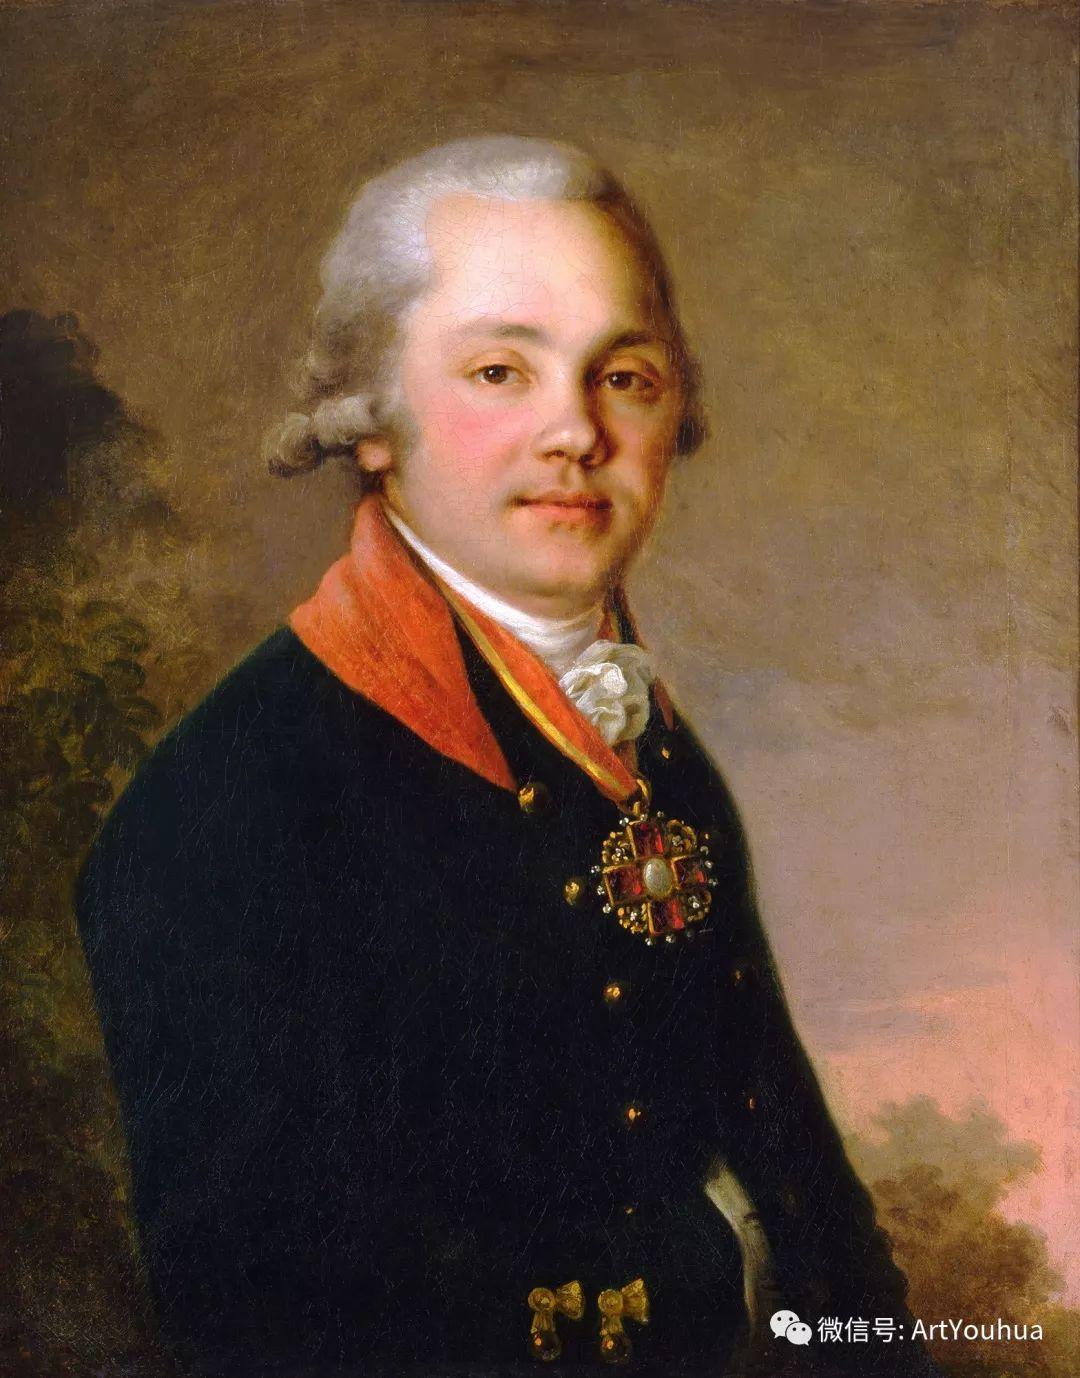 精美古典人物 俄罗斯画家Vladimir Borovikovsky插图49